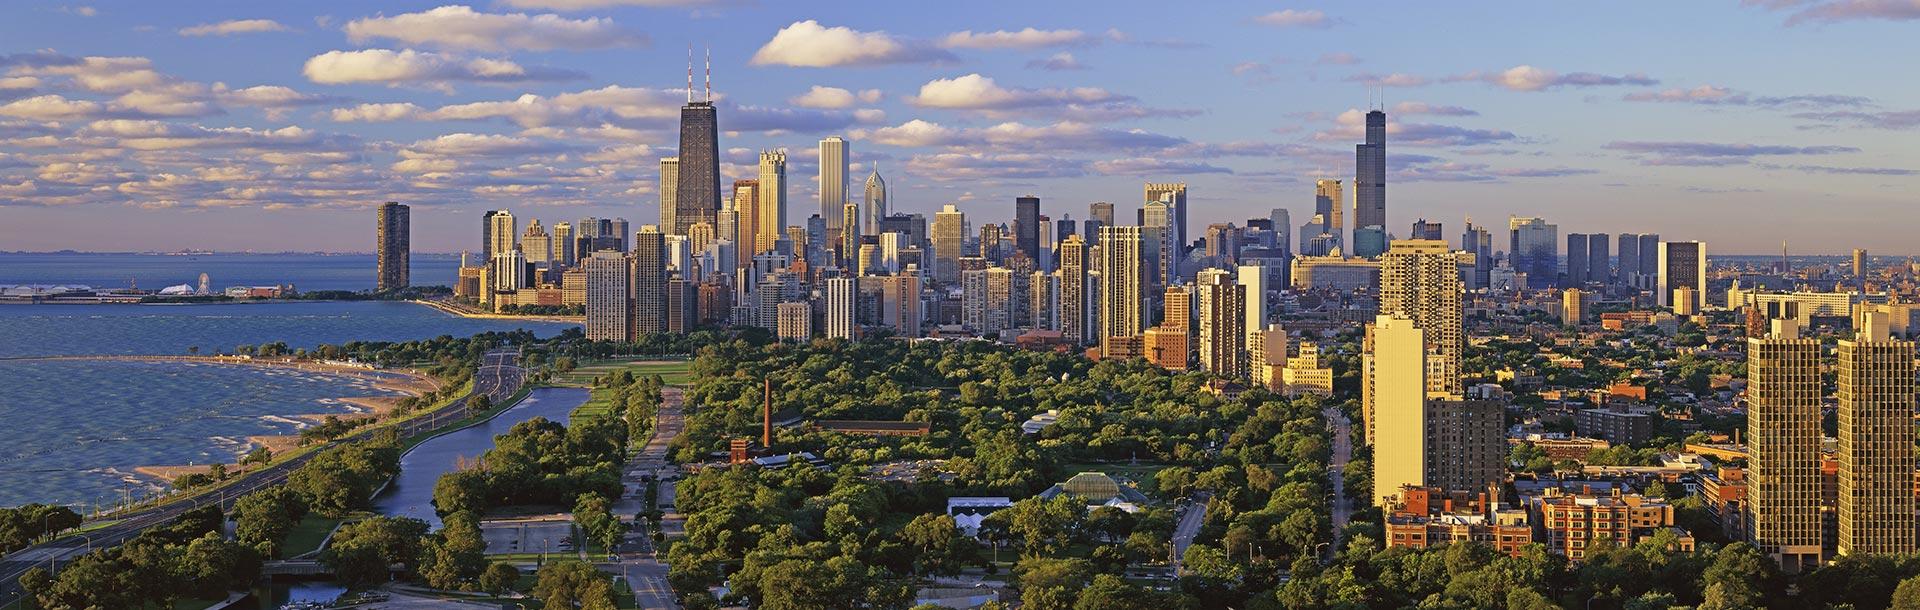 Kbp Brands Chicago